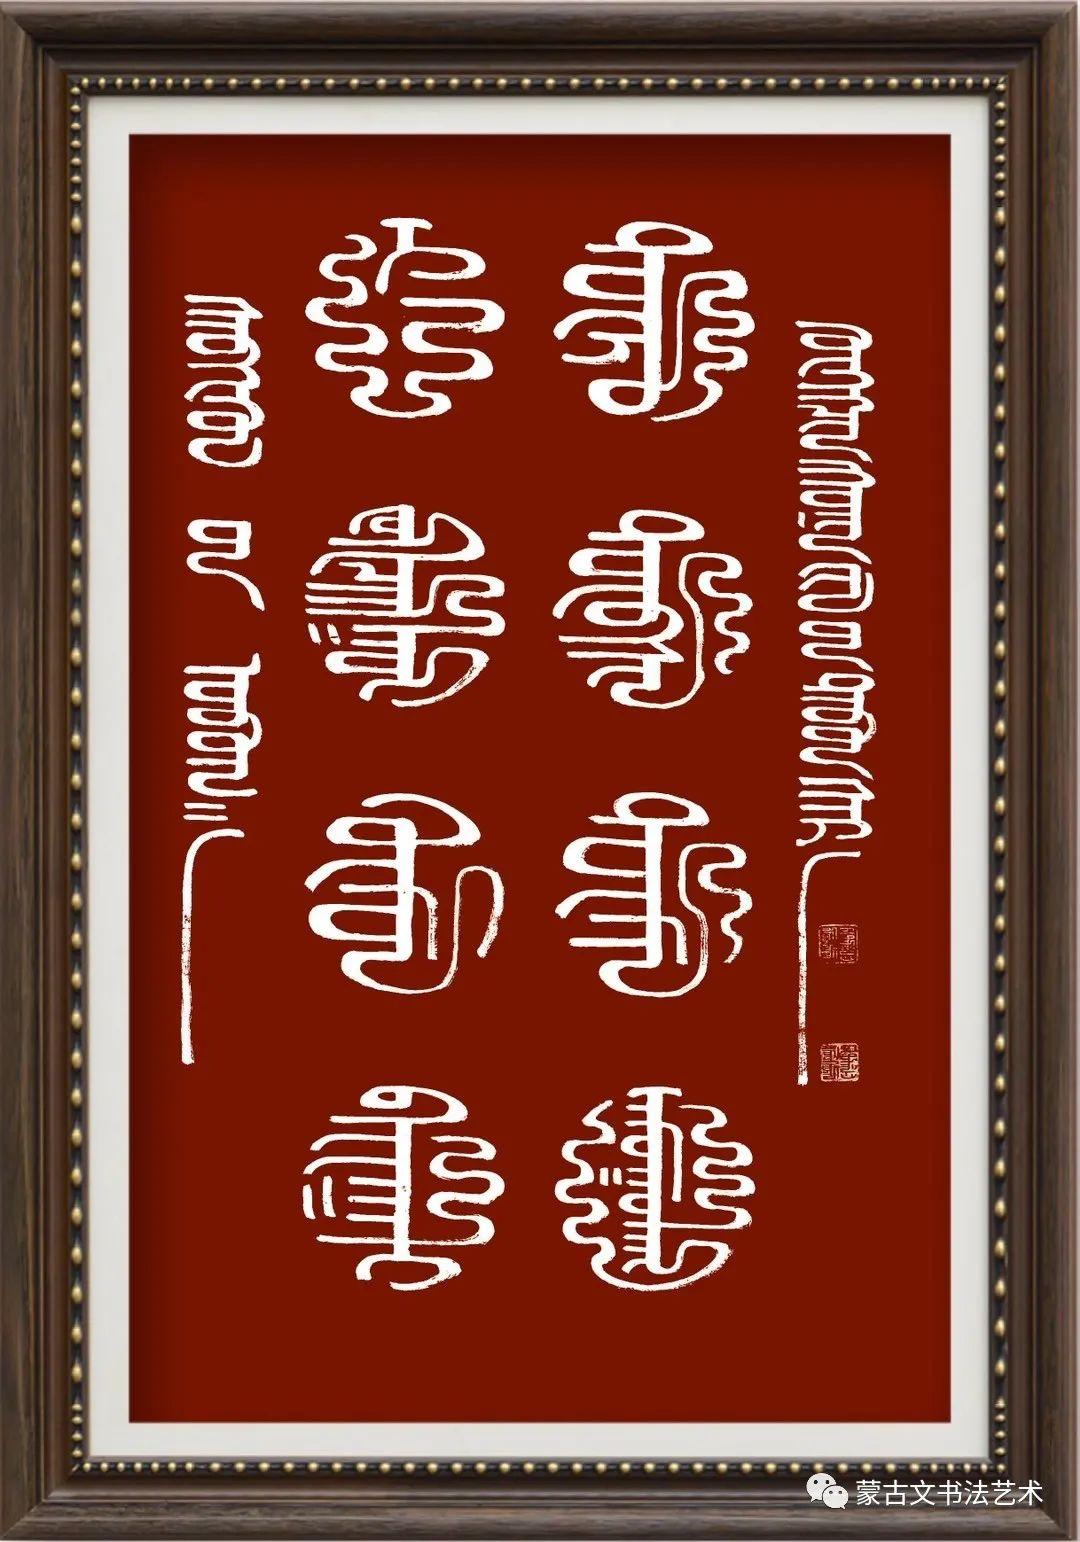 好斯那拉书法作品欣赏 第10张 好斯那拉书法作品欣赏 蒙古书法